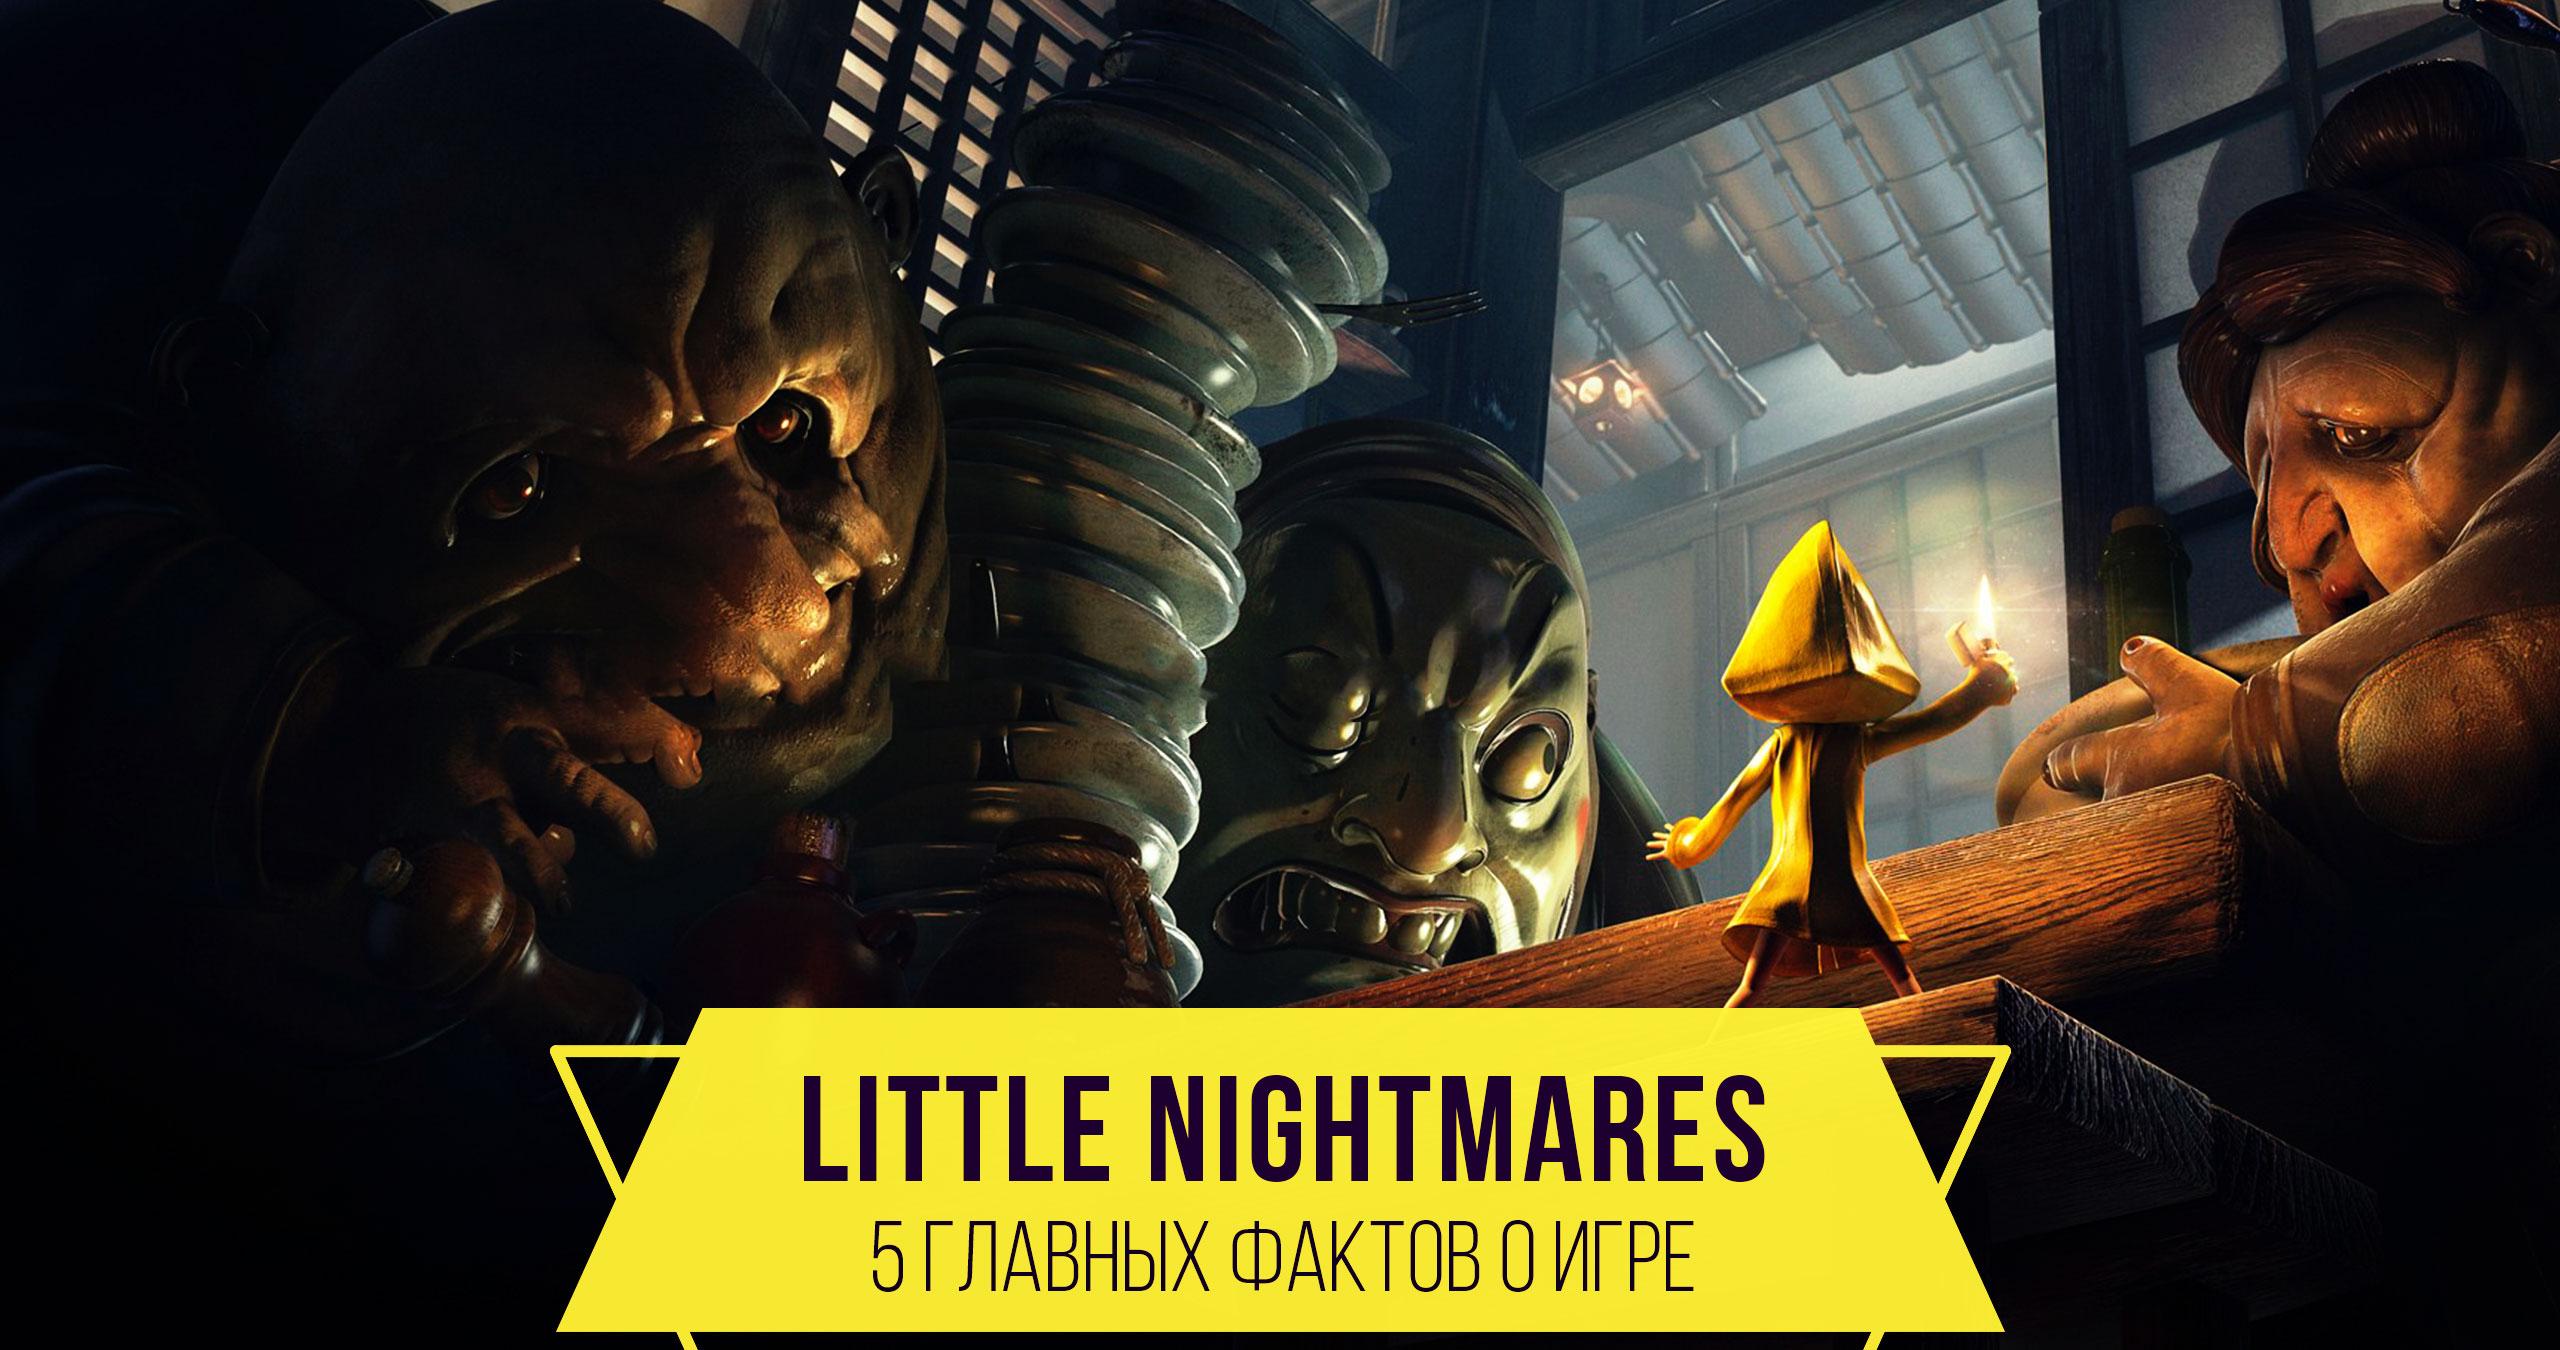 5 главных фактов о игре LITTLE NIGHTMARES